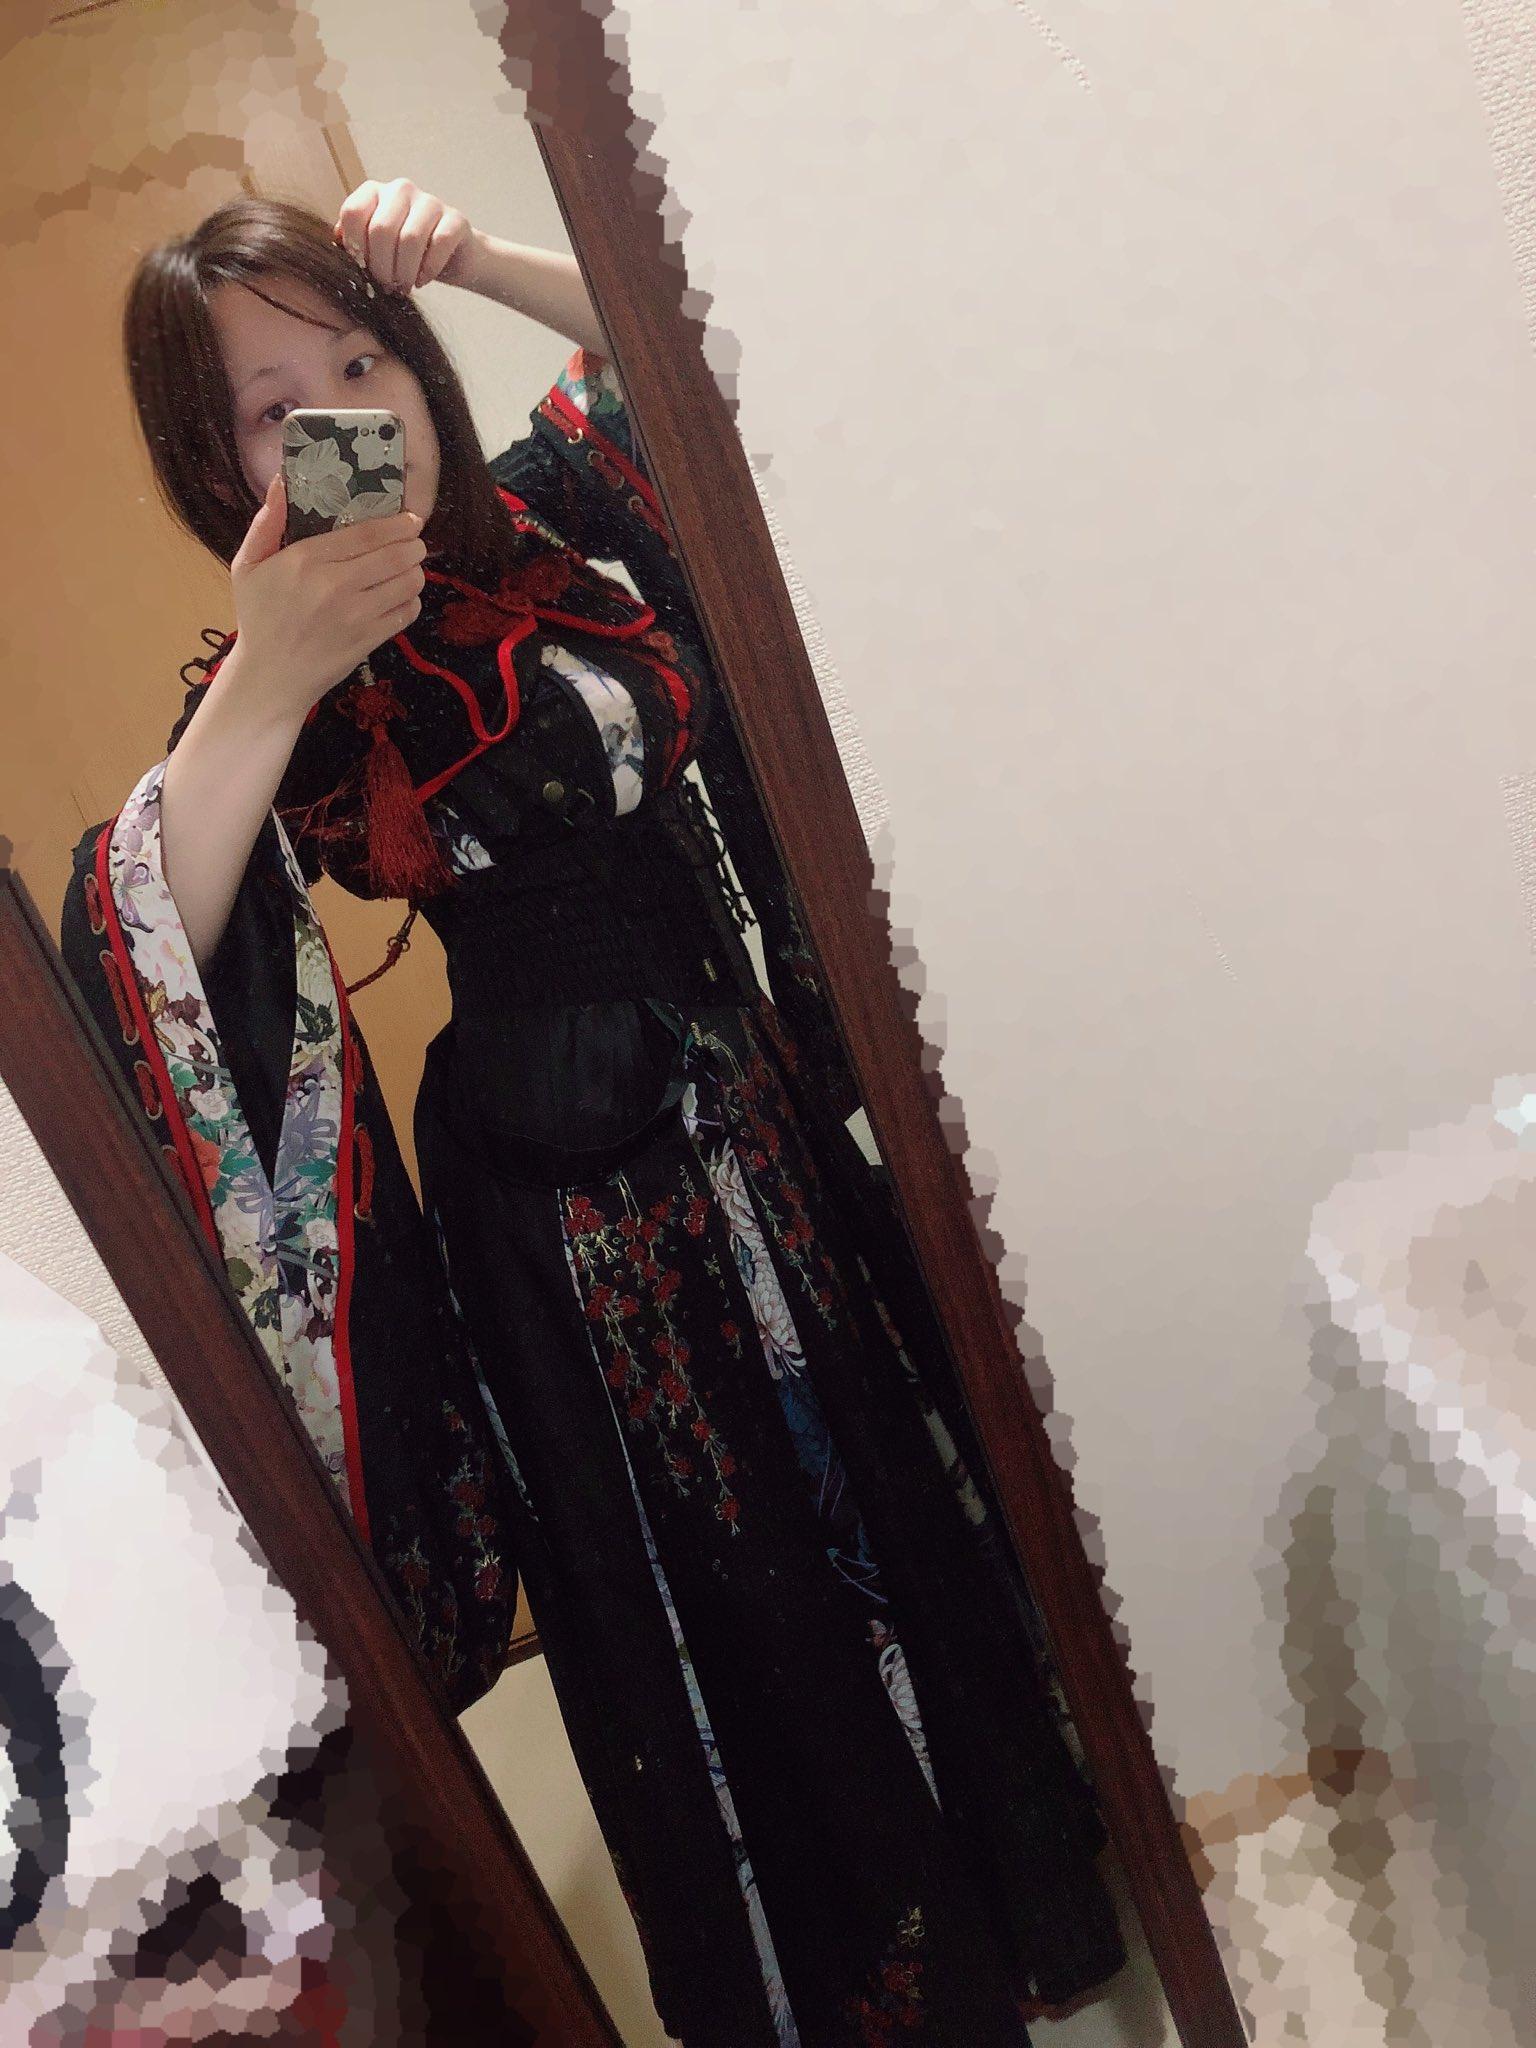 【田中ねねエロ画像】スタイルも才能も十分過ぎる美巨乳娘・田中ねね!